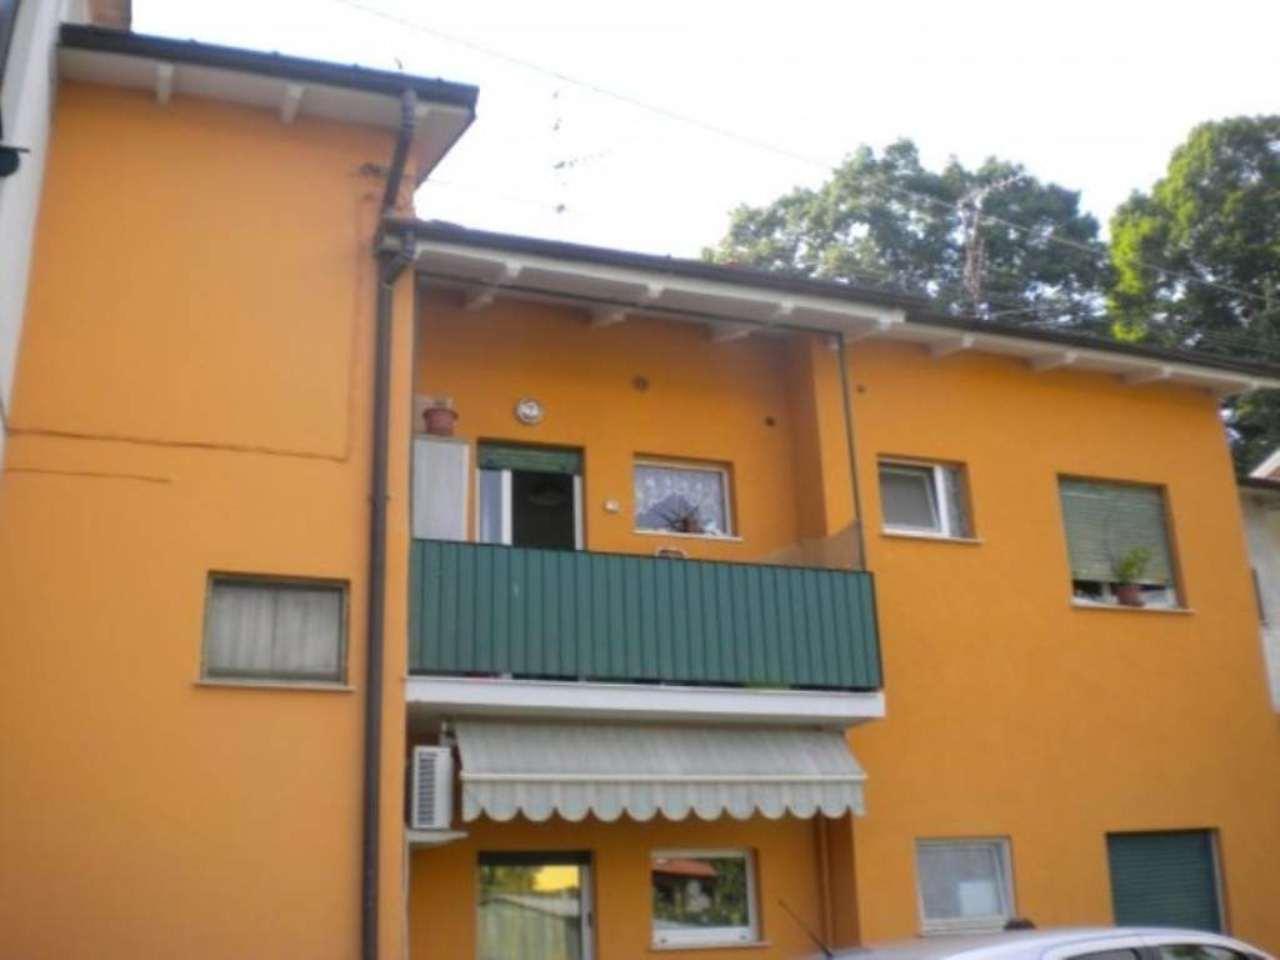 Appartamento in vendita a Casale Litta, 3 locali, prezzo € 110.000   Cambio Casa.it